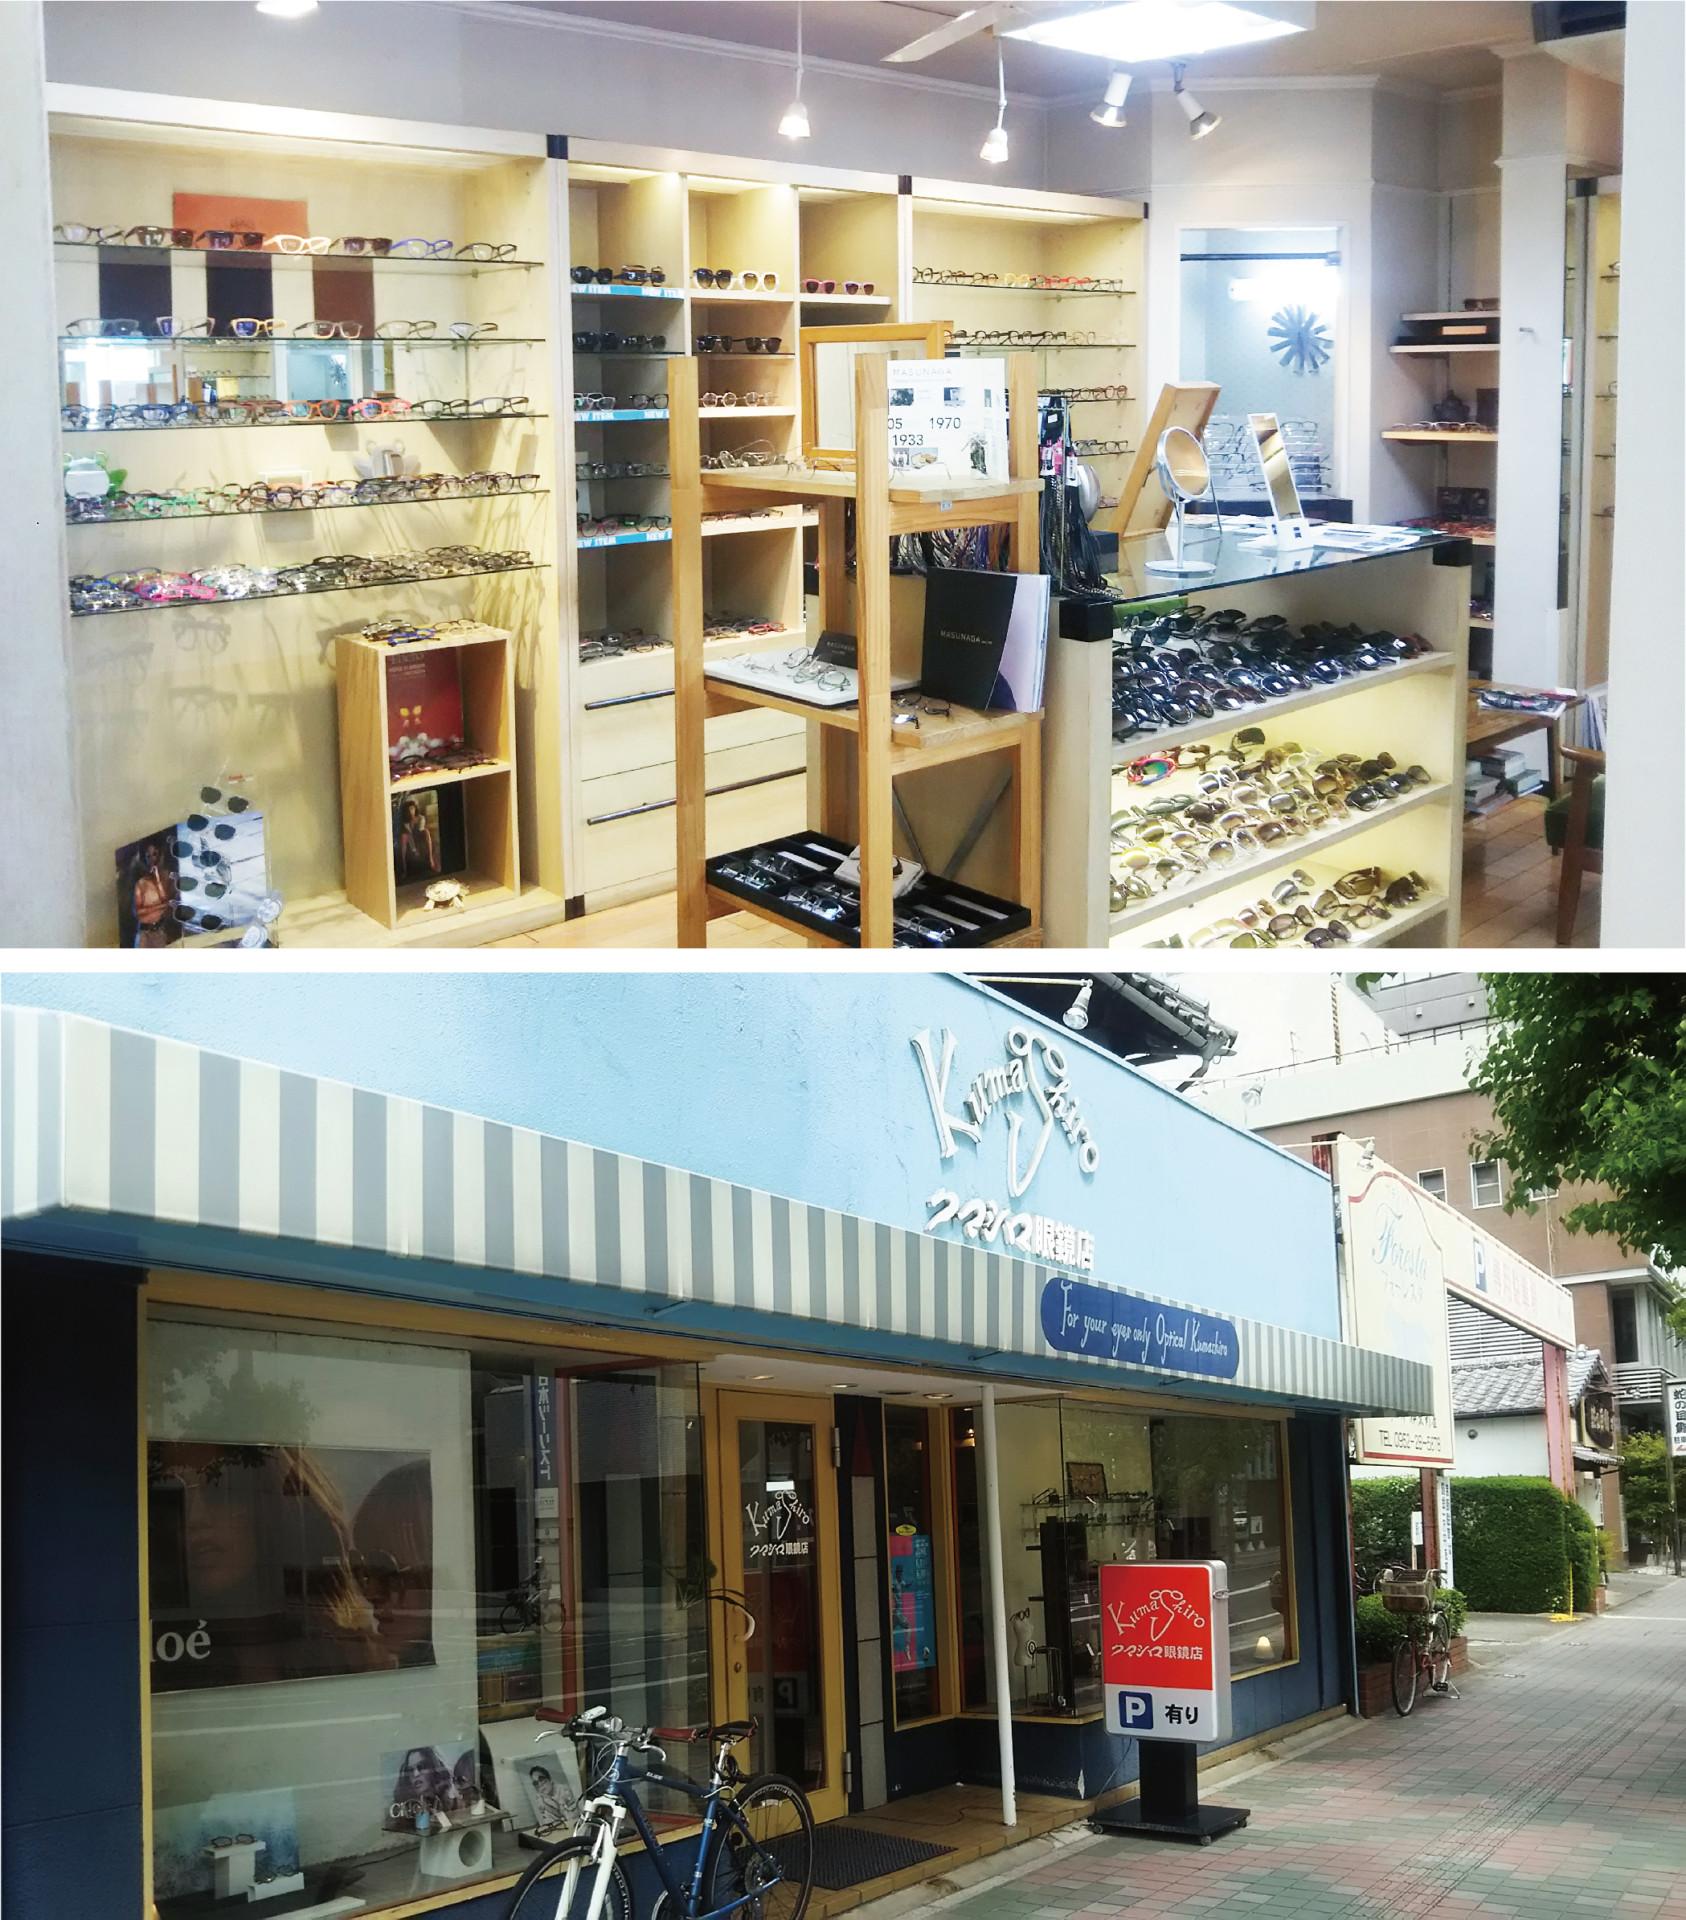 (上)木材の温かみを感じる店内。 鏡が随所に配されていて親切(下)青を基調とした爽やかな外観